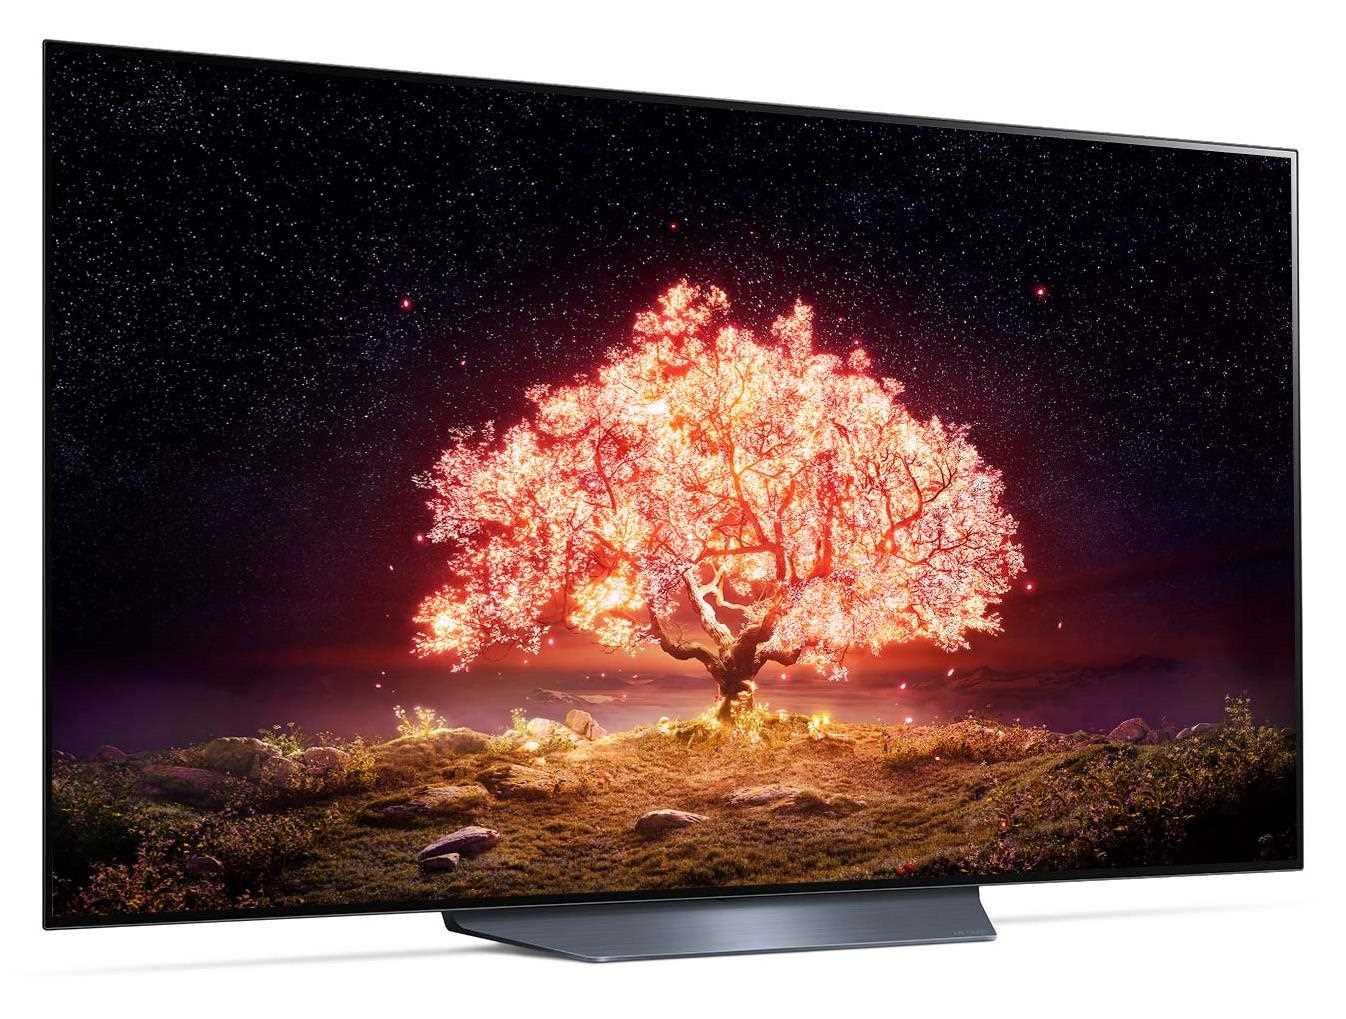 טלוויזיה 65 אינץ' דגם OLED 65B16LA/PVA  בטכנולוגיית LG OLED 4K Ultra HD אל ג'י - תמונה 6